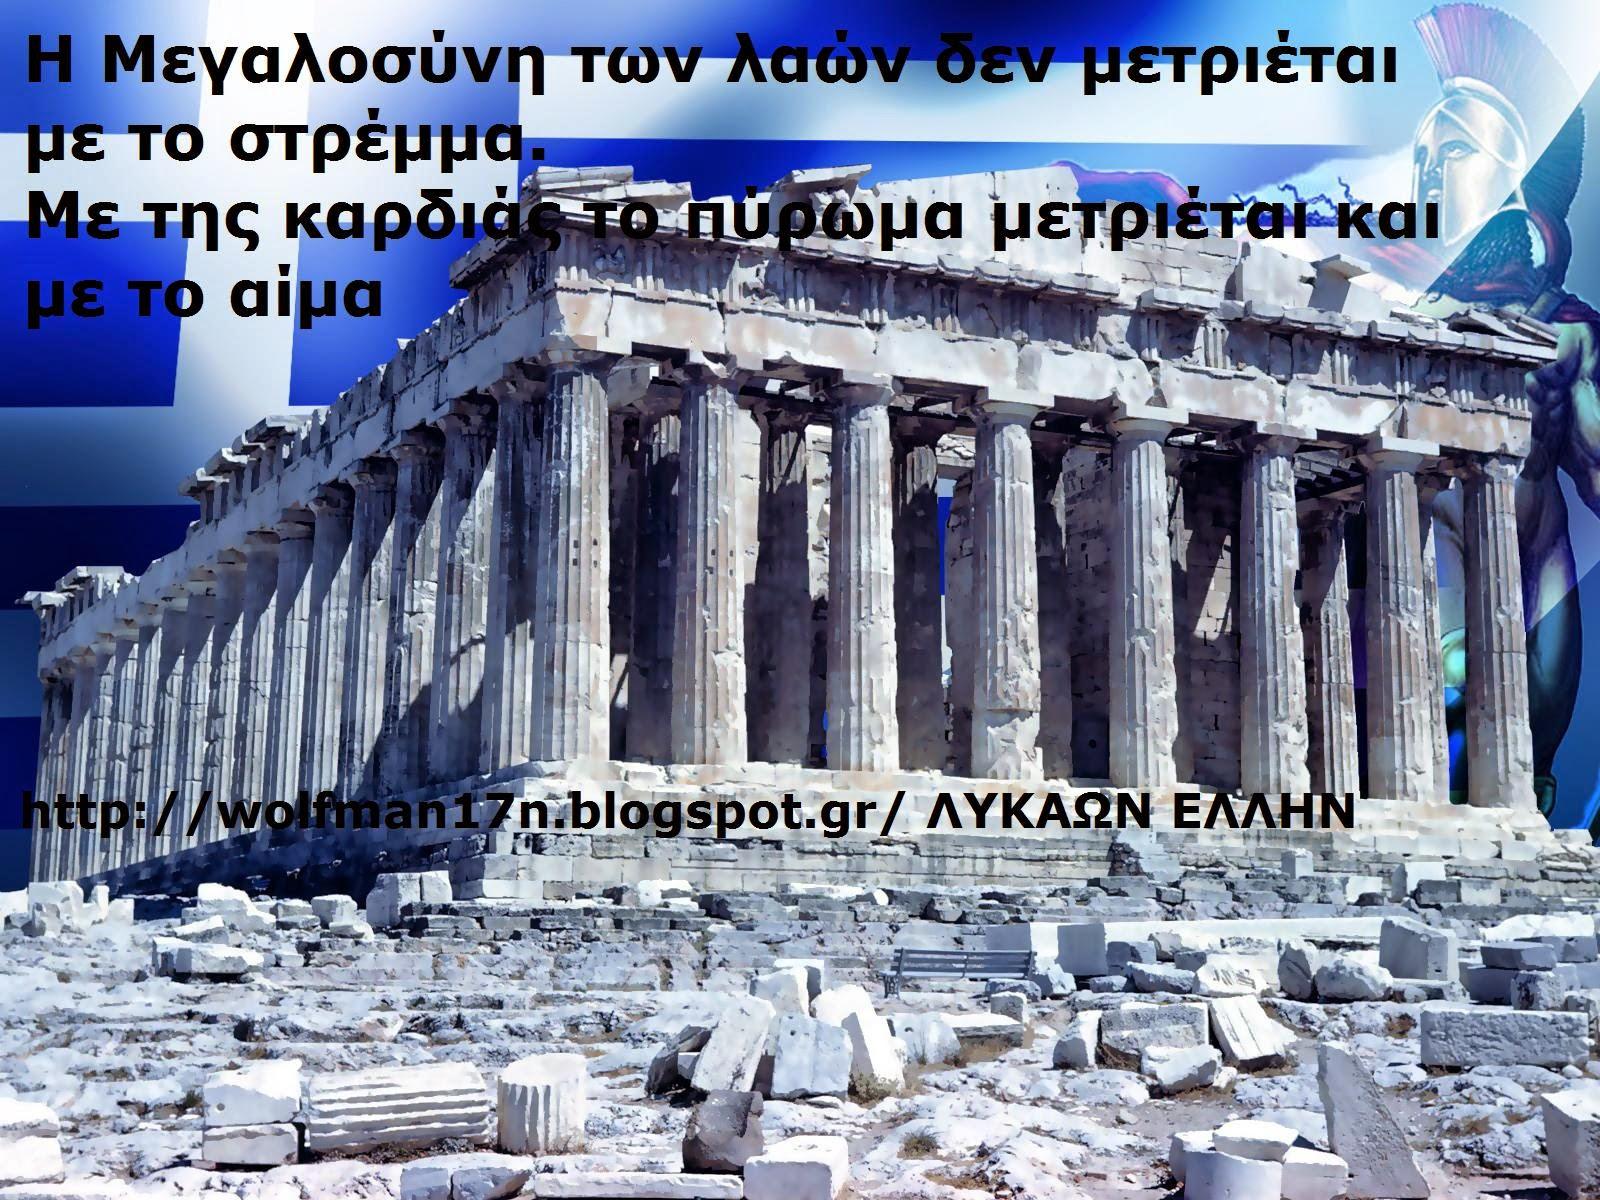 Κ.ΠΑΛΑΜΑΣ